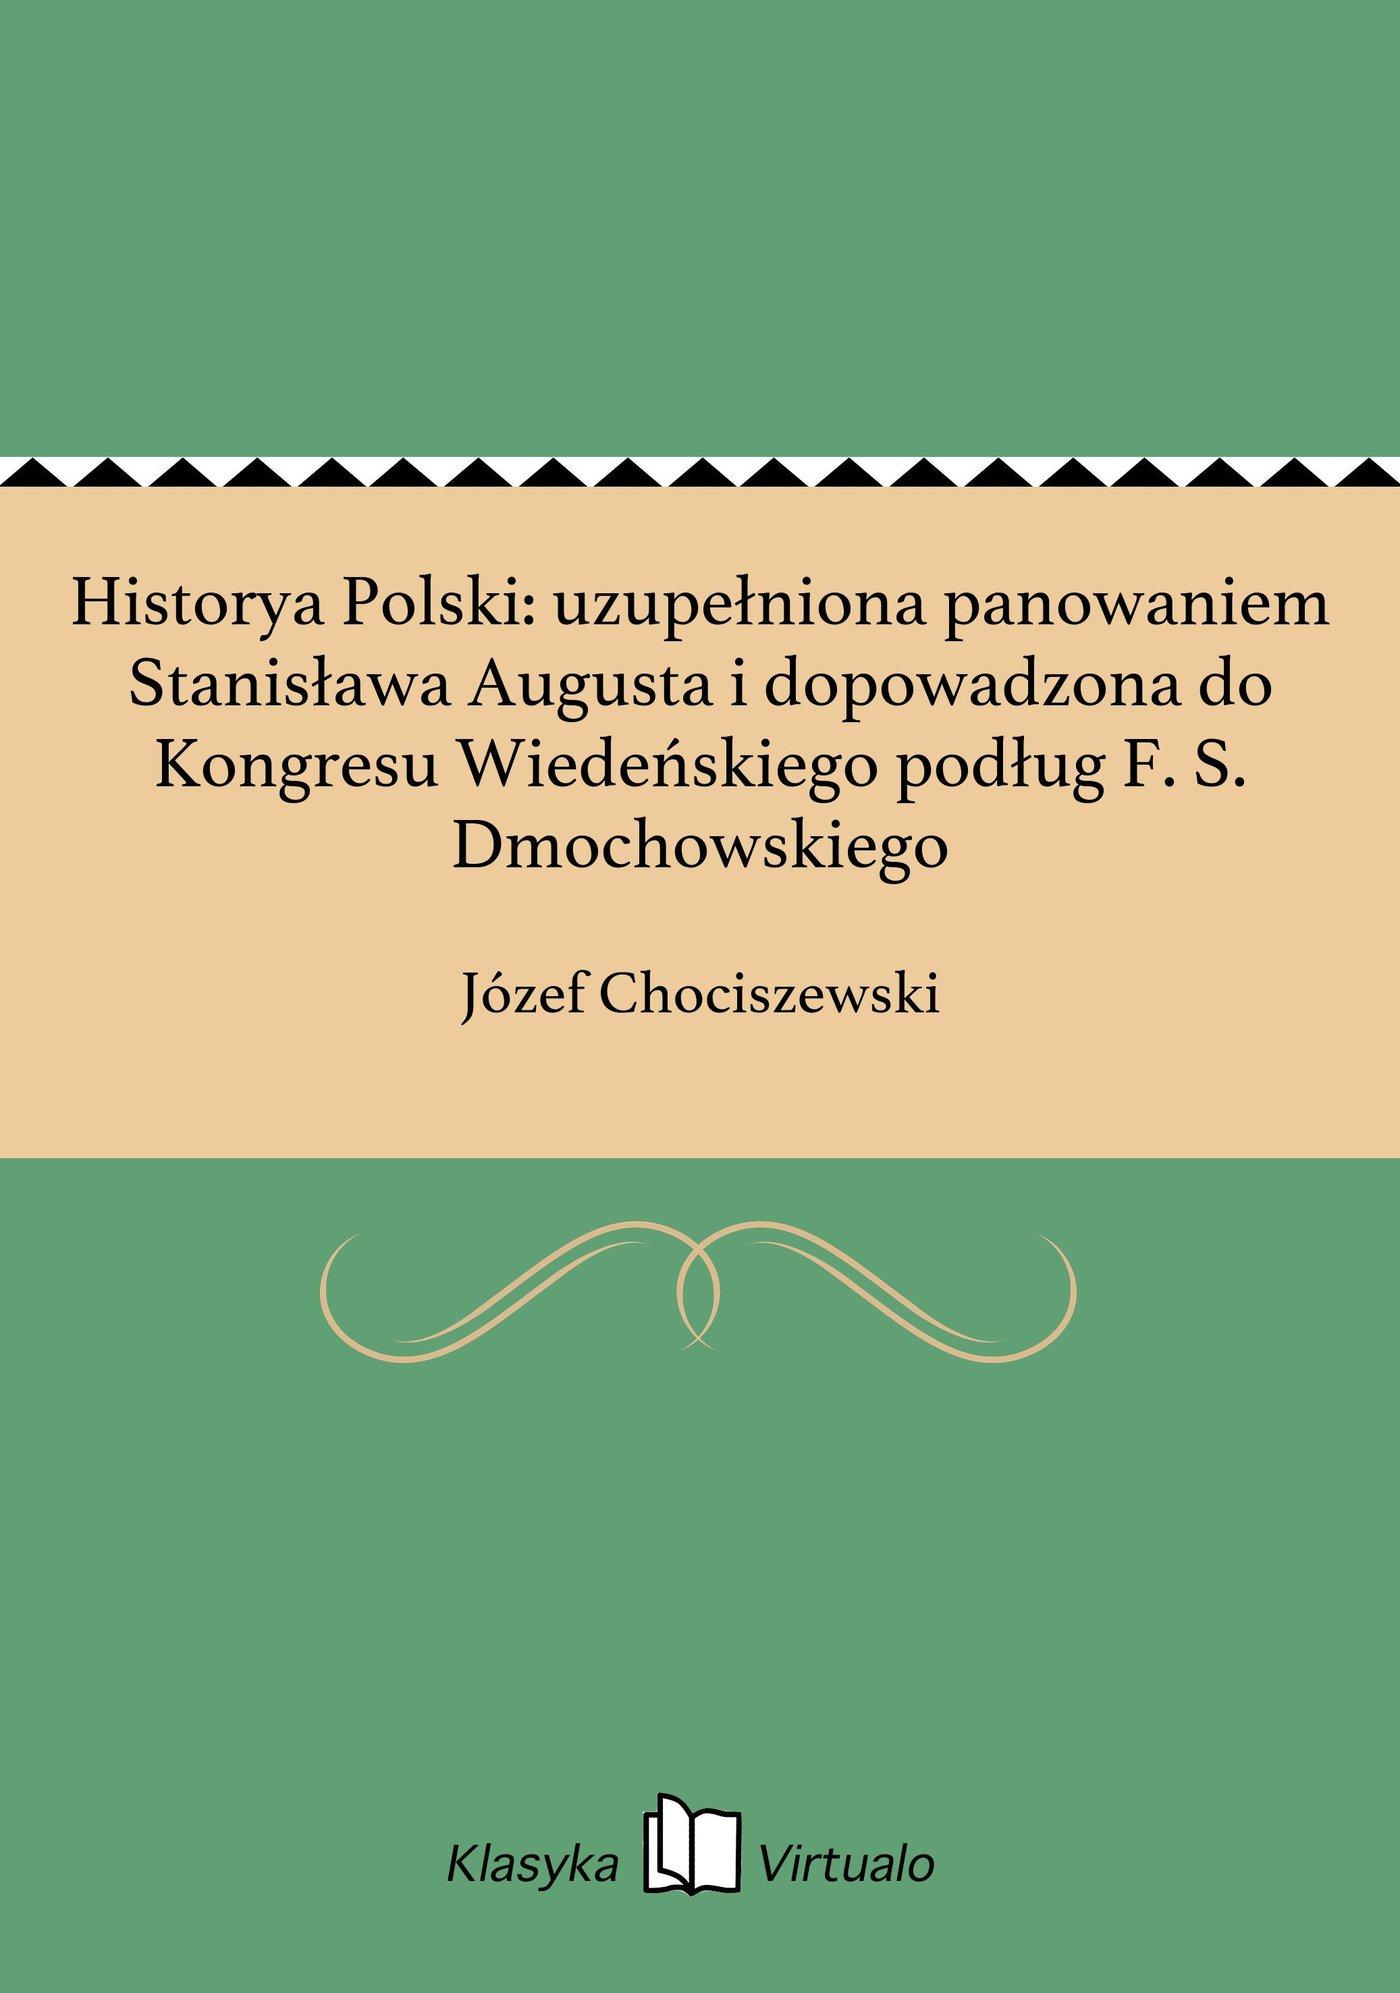 Historya Polski: uzupełniona panowaniem Stanisława Augusta i dopowadzona do Kongresu Wiedeńskiego podług F. S. Dmochowskiego - Ebook (Książka EPUB) do pobrania w formacie EPUB